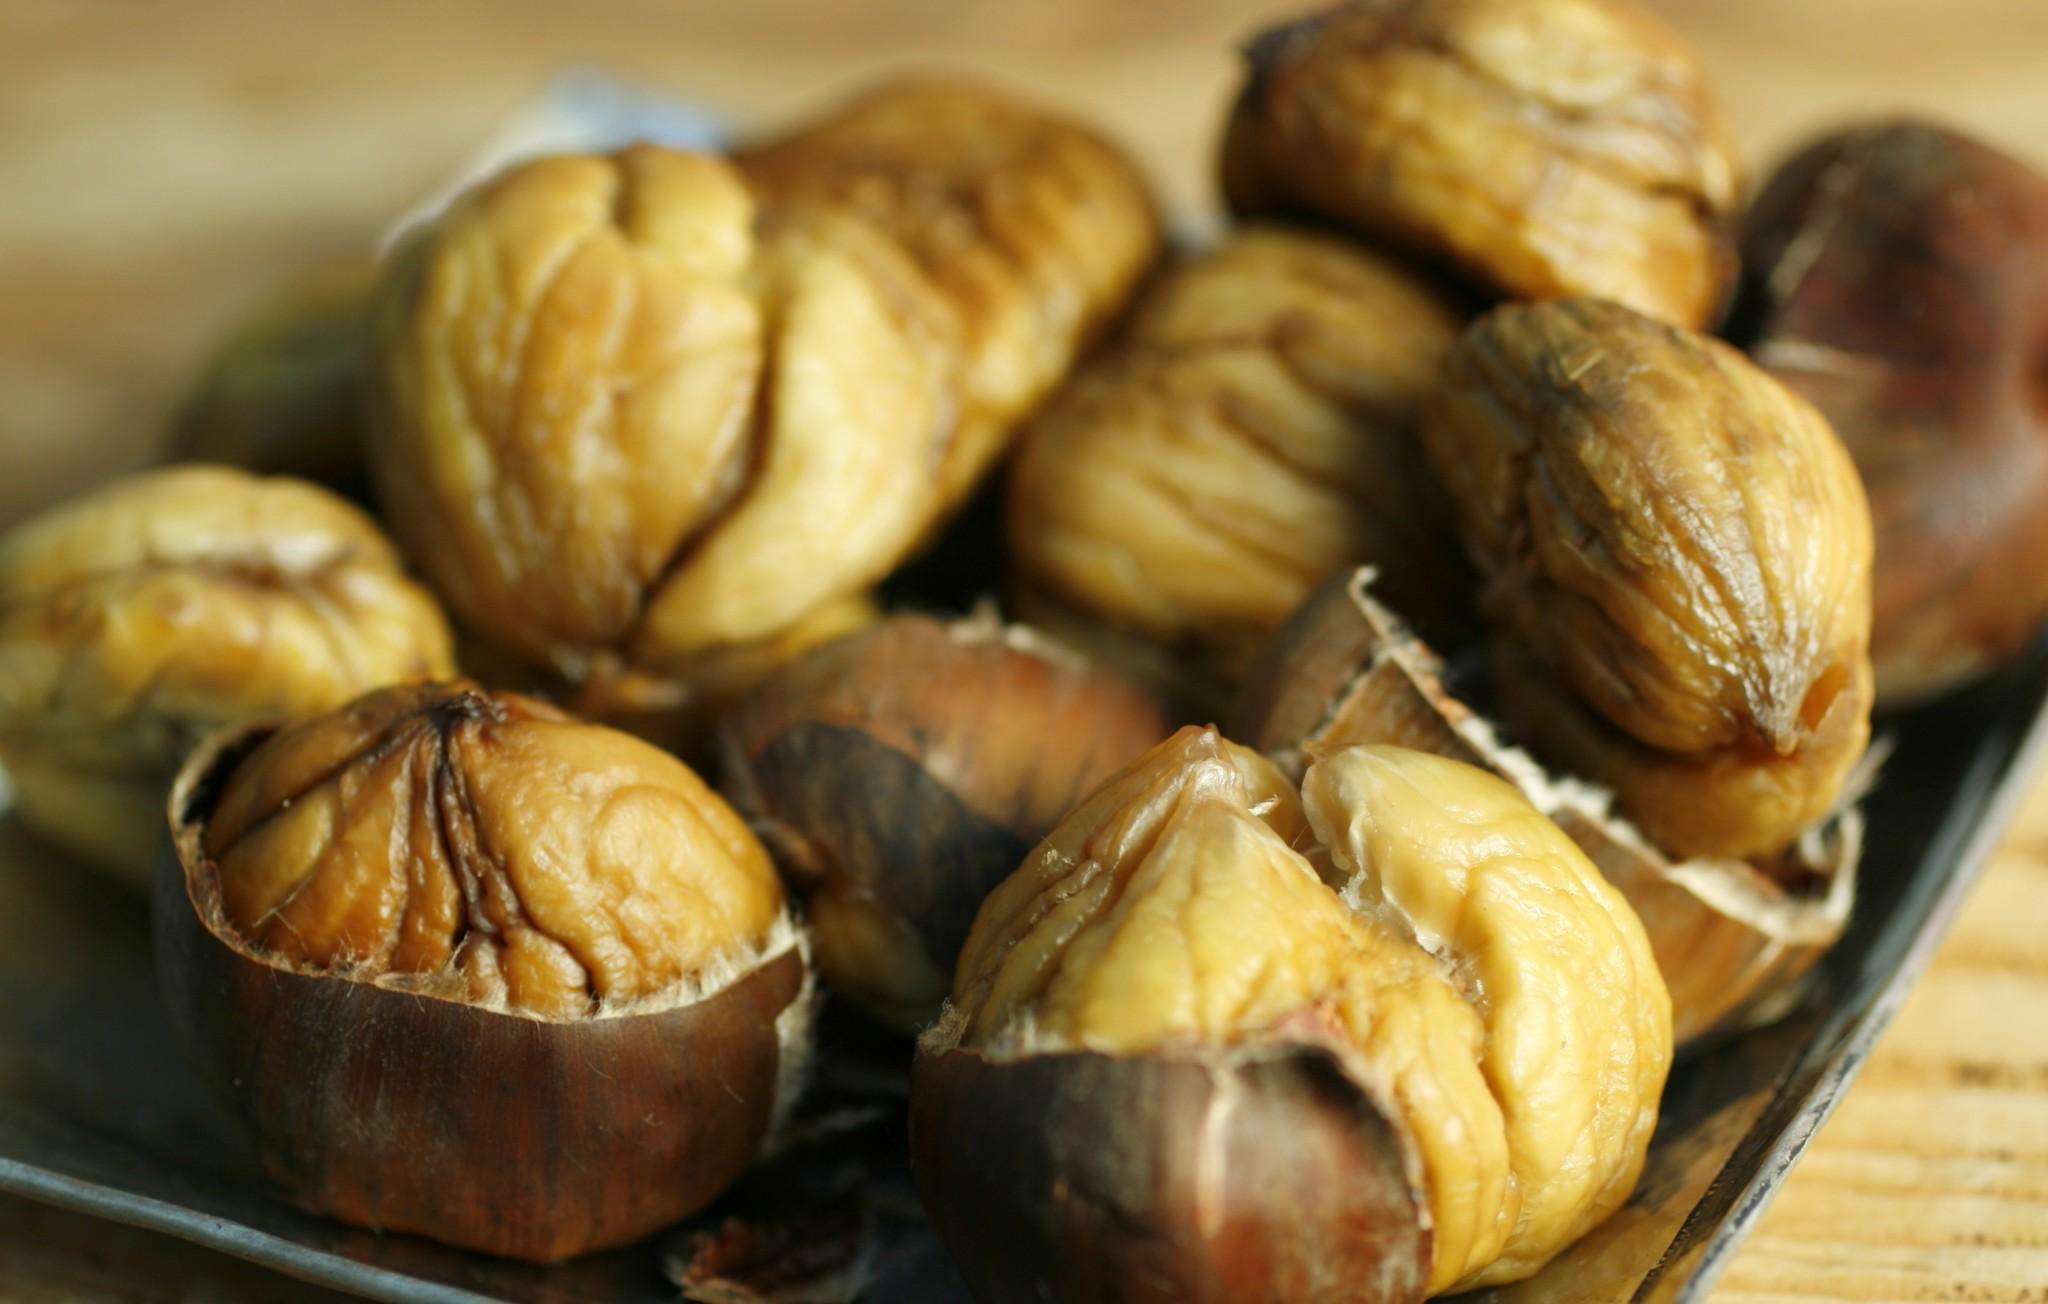 iguaria-castanhas-assadas-no-forno